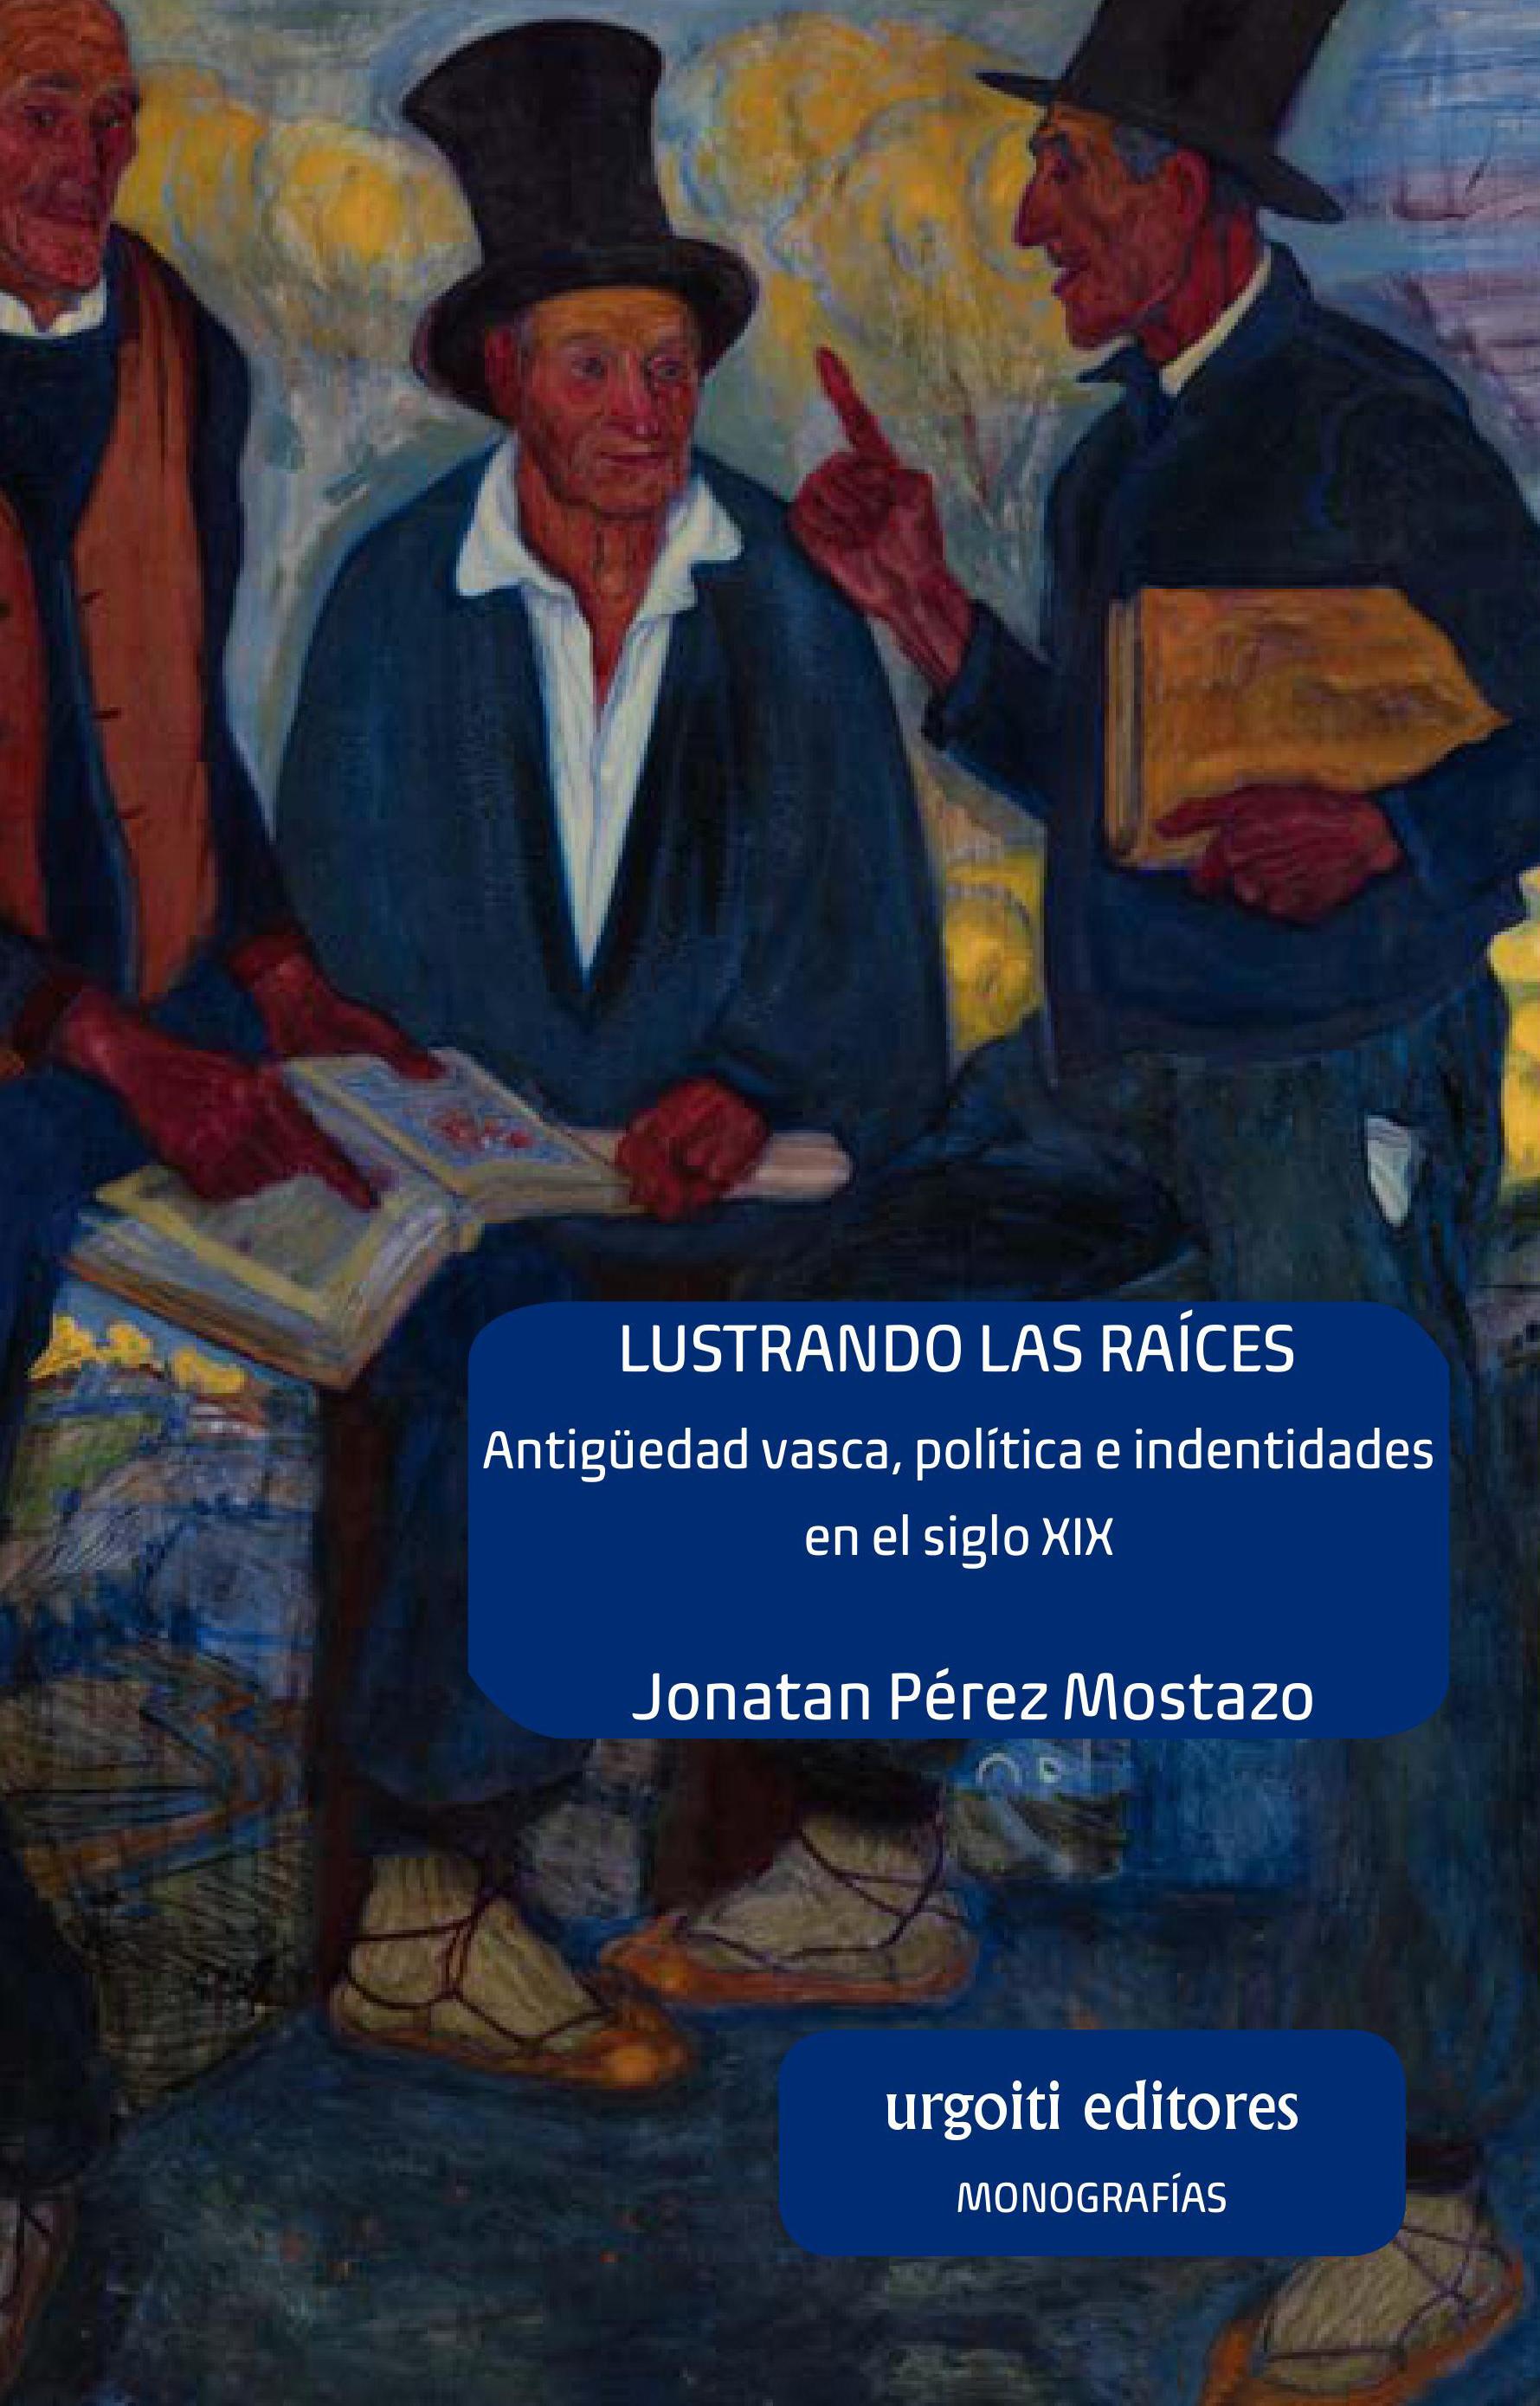 Lustrando las raíces. Antigüedad vasca, política e identidades en el siglo XIX